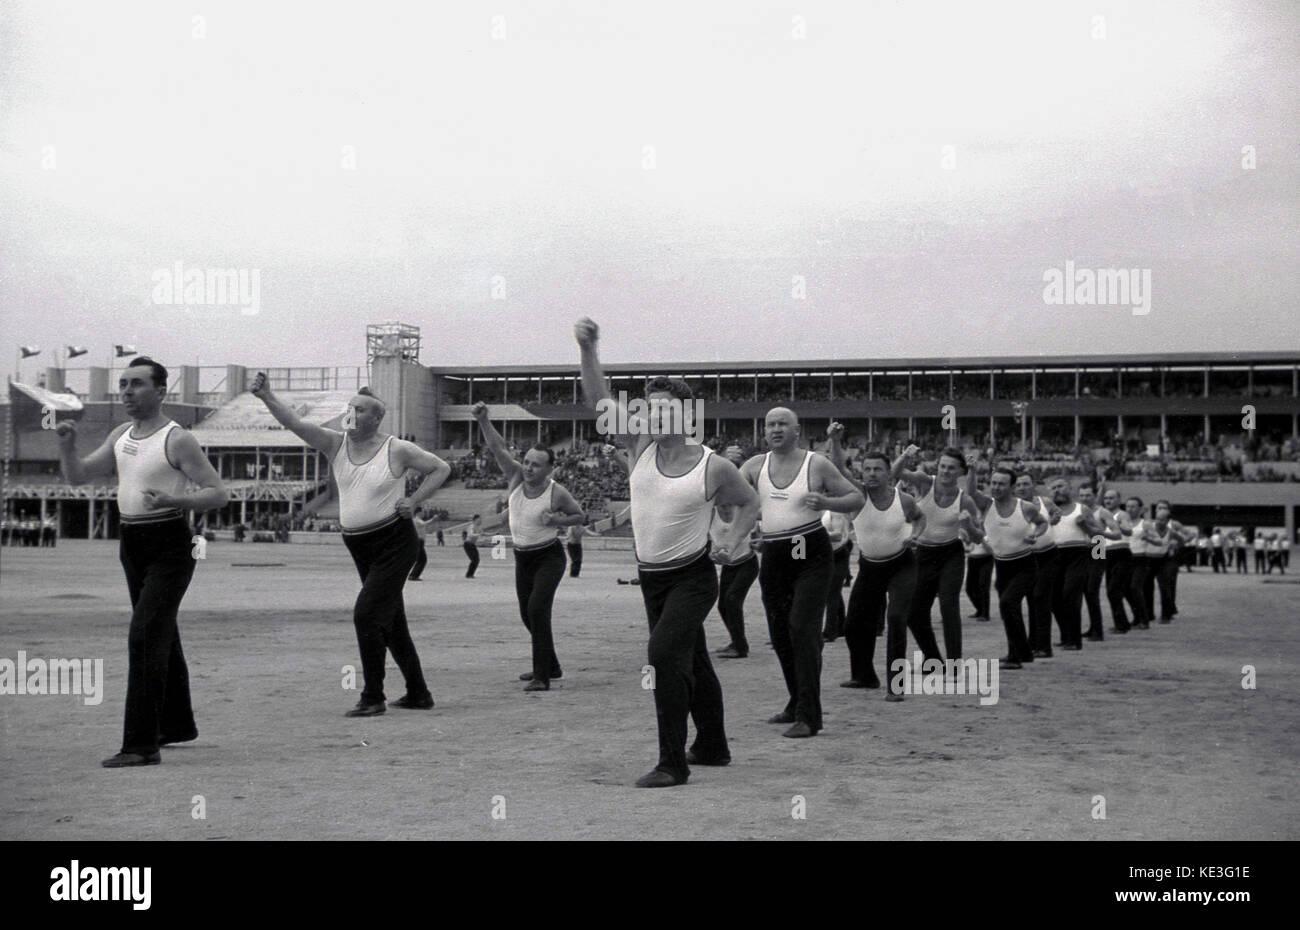 1938. Historische, Sport, männliche Teilnehmer an der massiven Stadion Strahov, Prag, Tschechoslowakei, der Stockbild